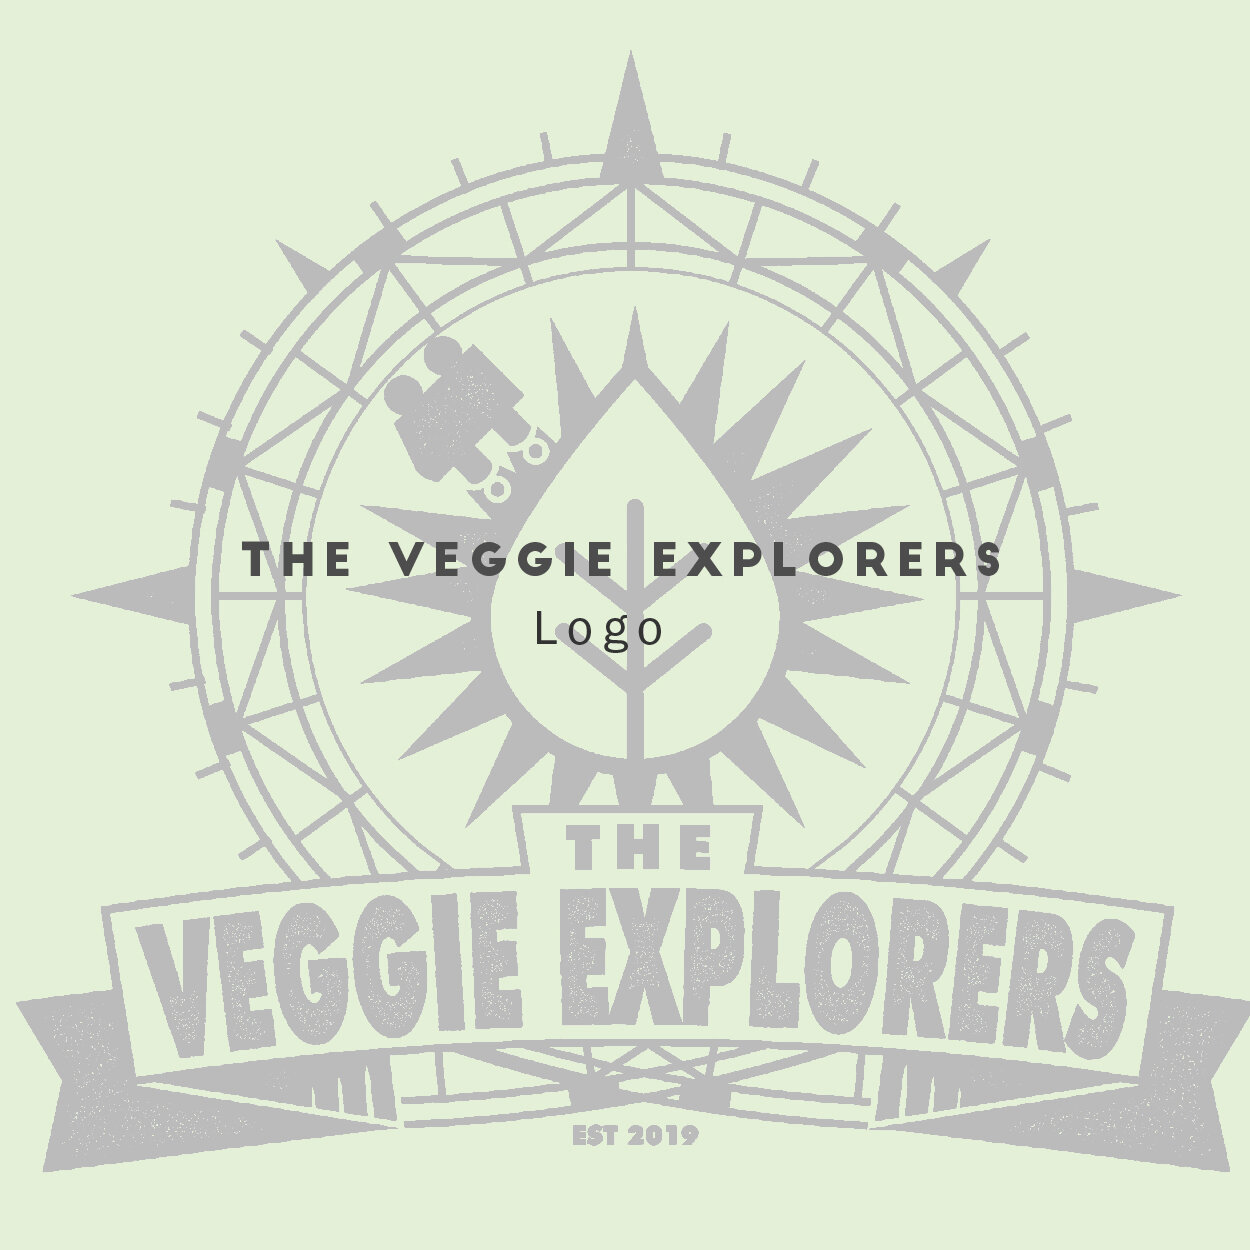 The Veggie Explorers